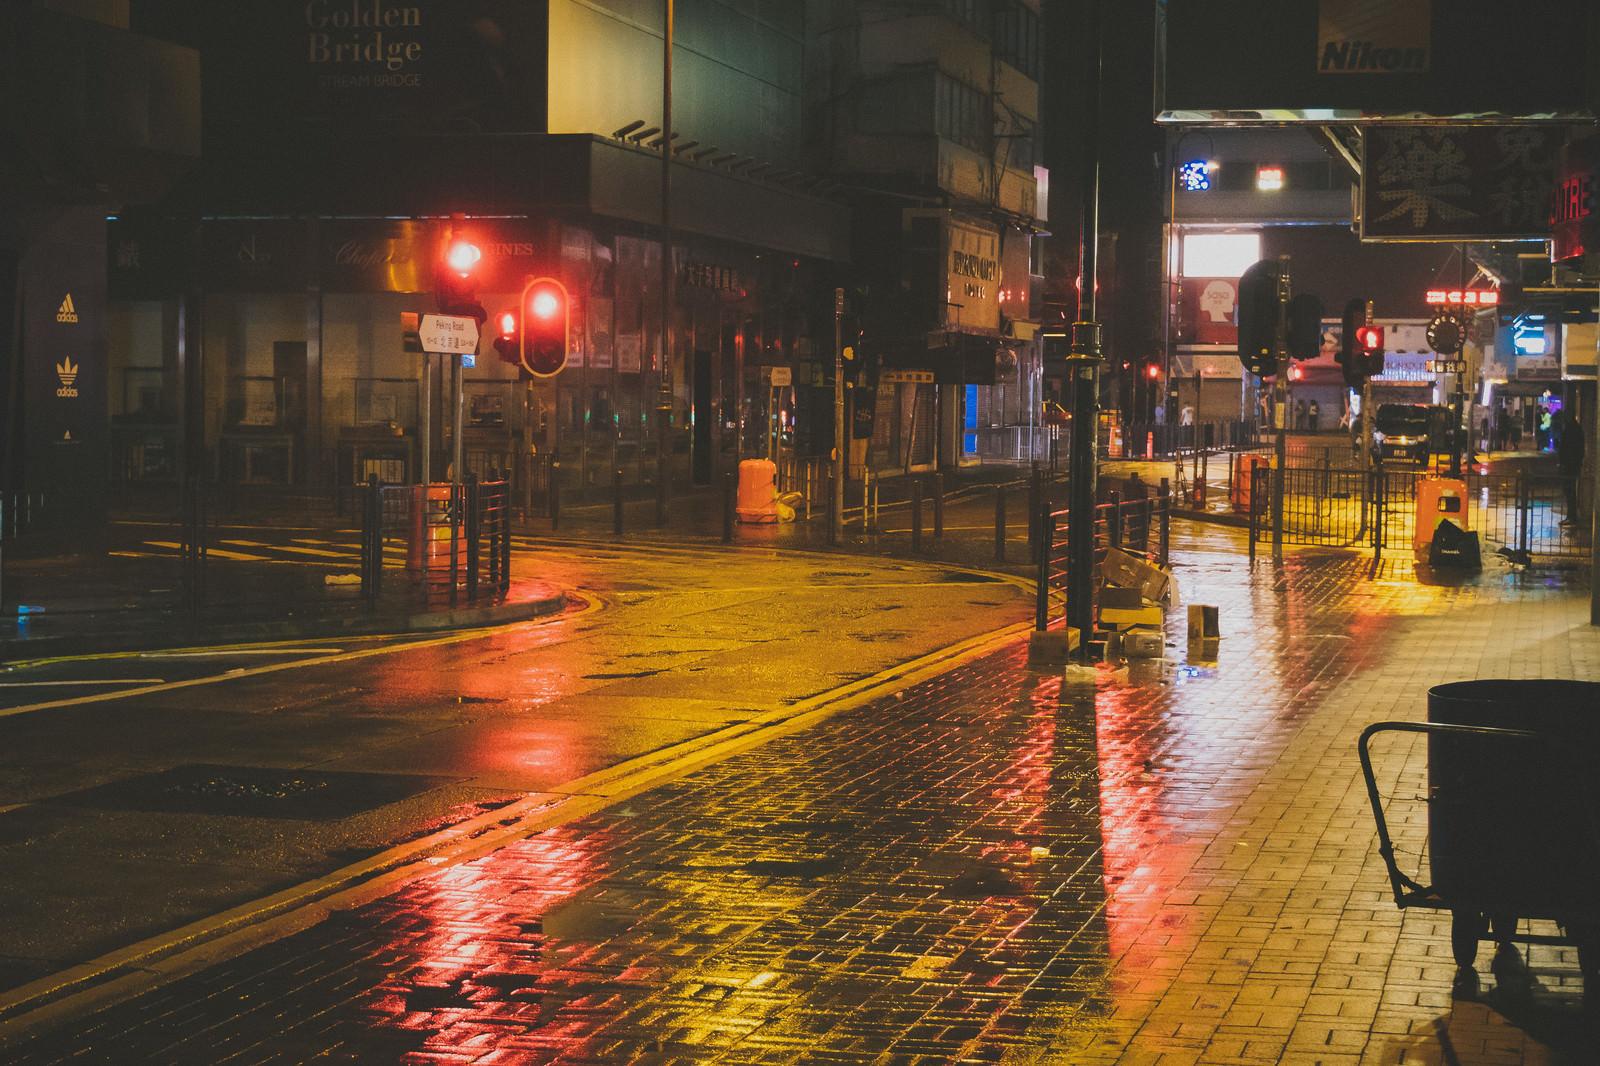 「雨で路面が濡れた街並み(尖沙咀)雨で路面が濡れた街並み(尖沙咀)」のフリー写真素材を拡大